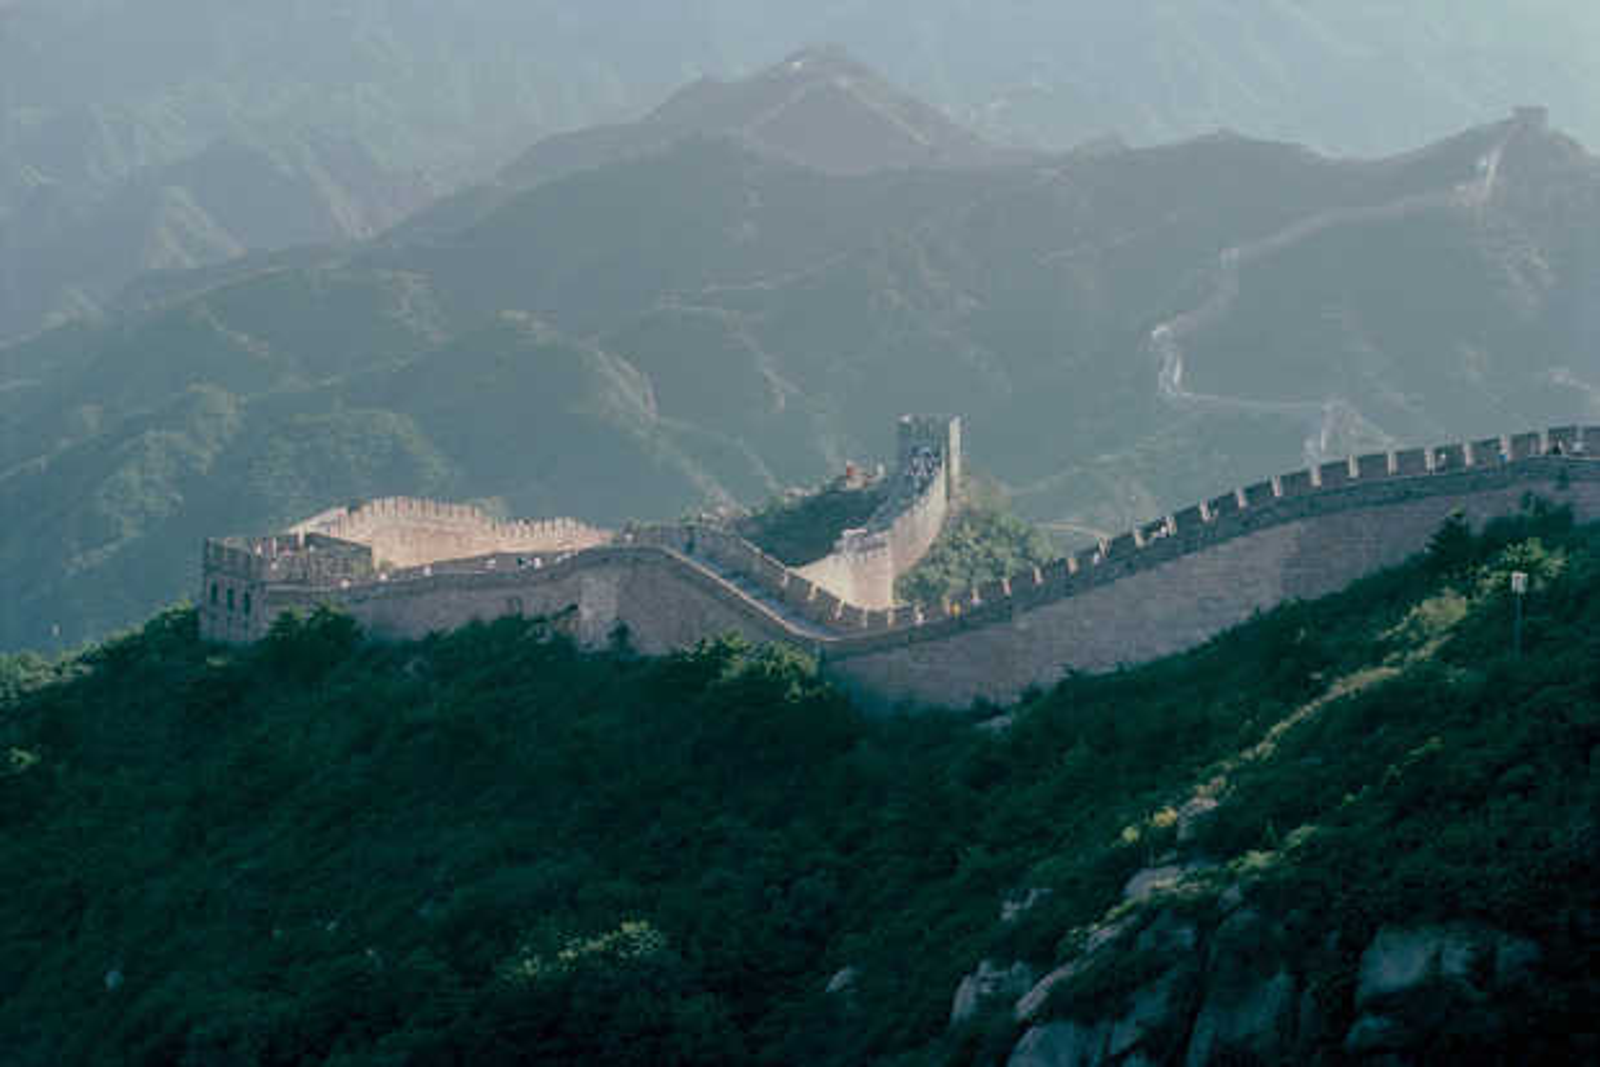 Chinesische Mauer - Erich Lessing